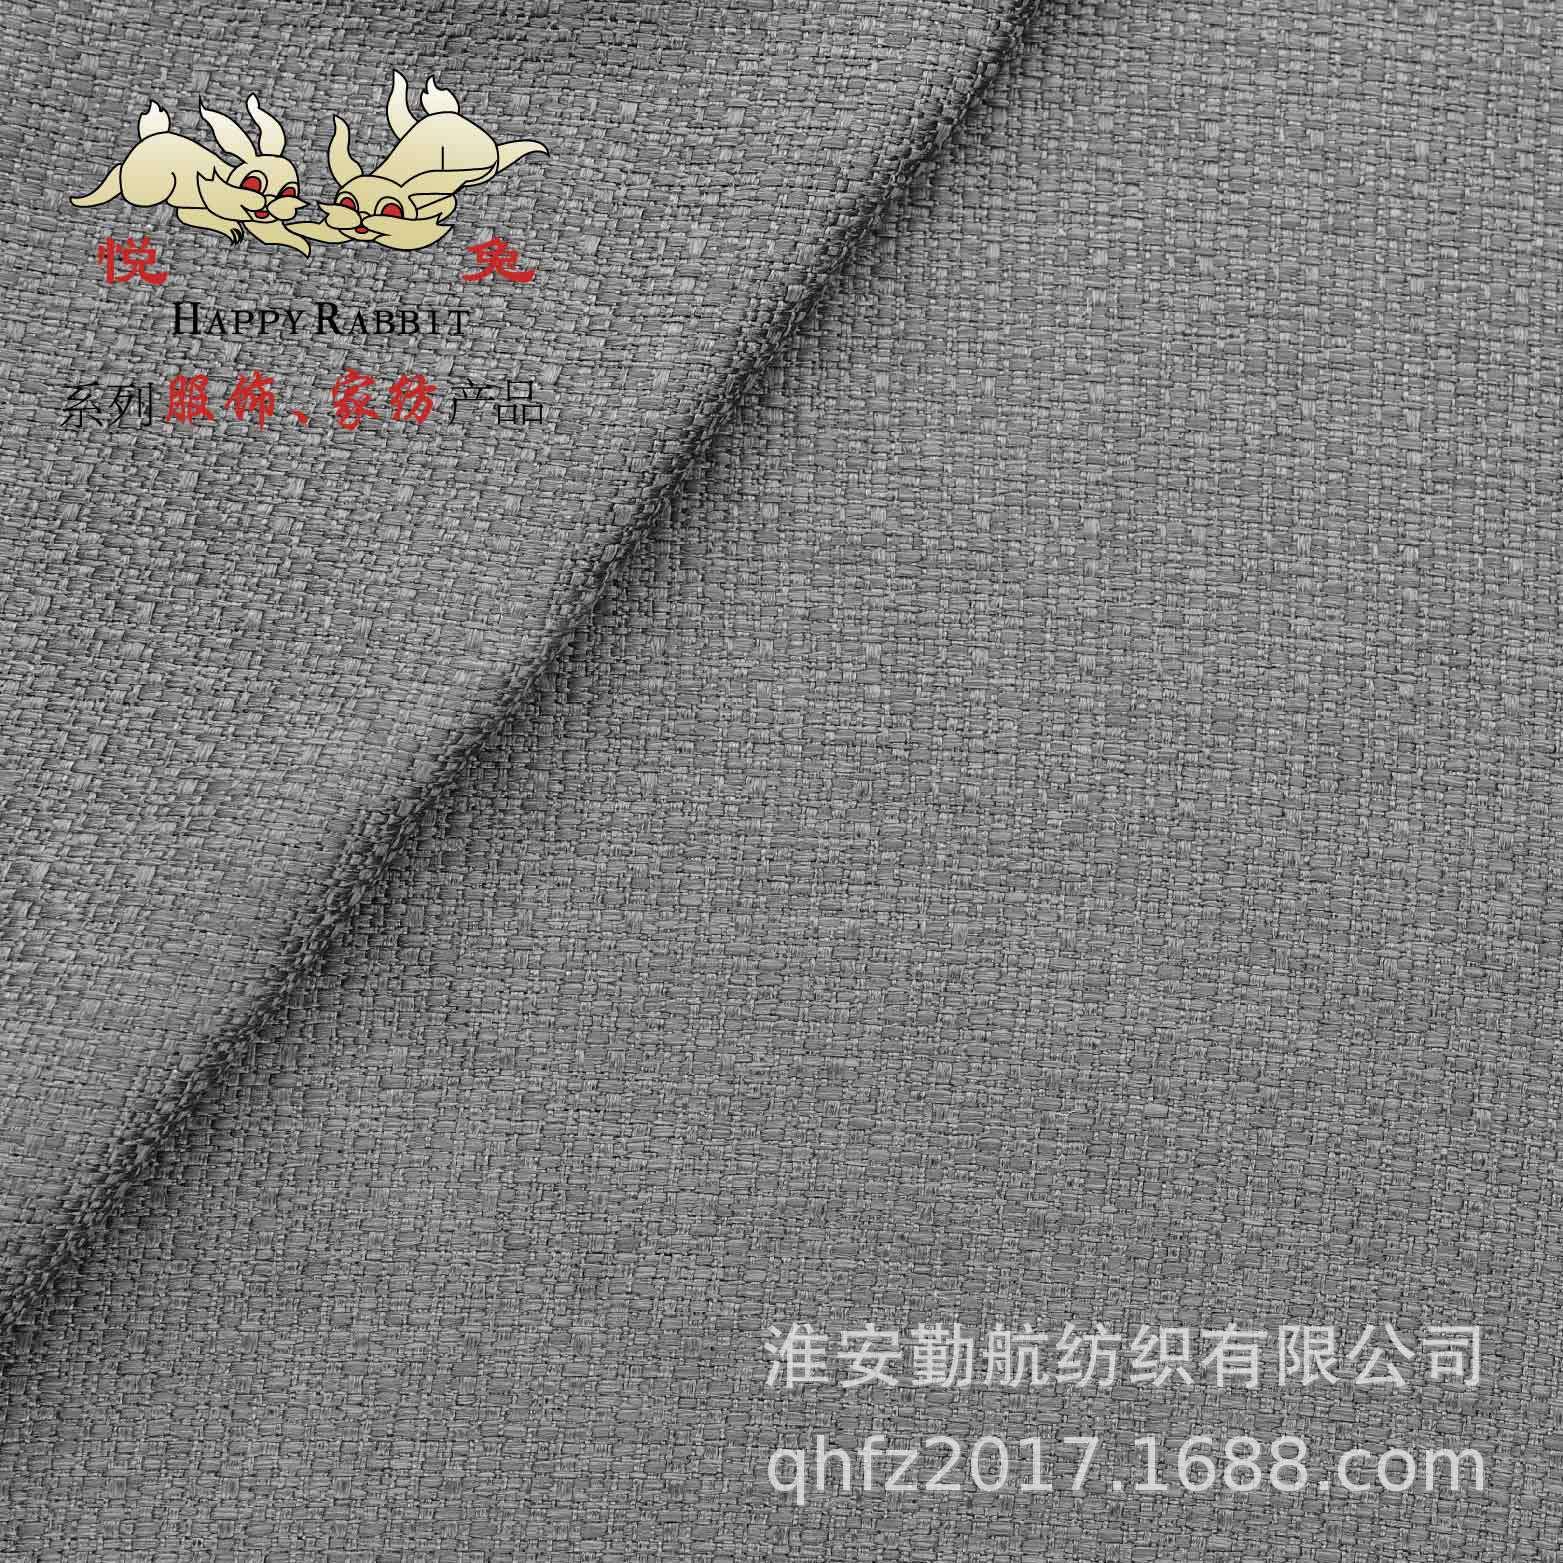 现货/仿麻布:沙发布麻布箱包布抱枕布装饰布软包布伫丽麻1640